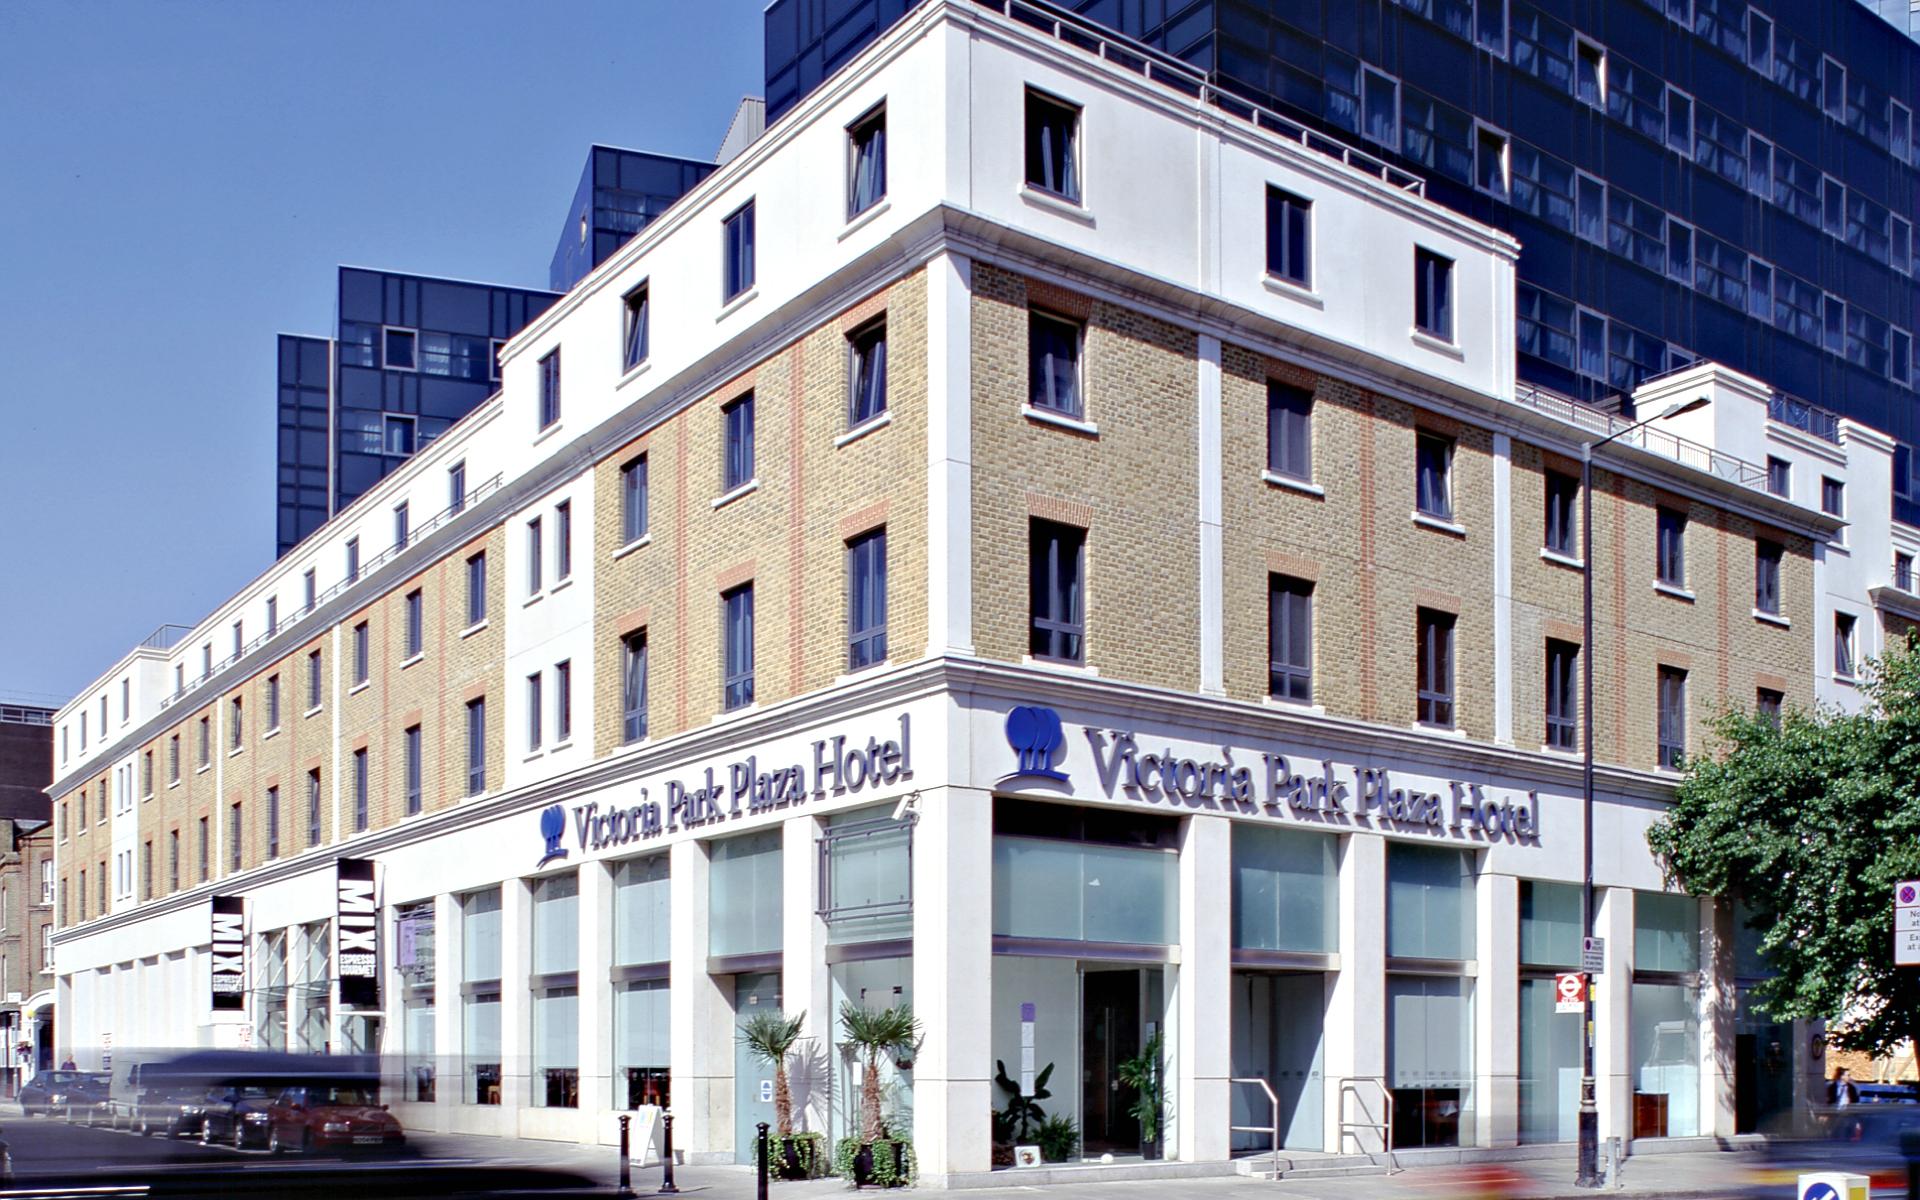 パーク・プラザ・ヴィクトリア Park Plaza Victoria London